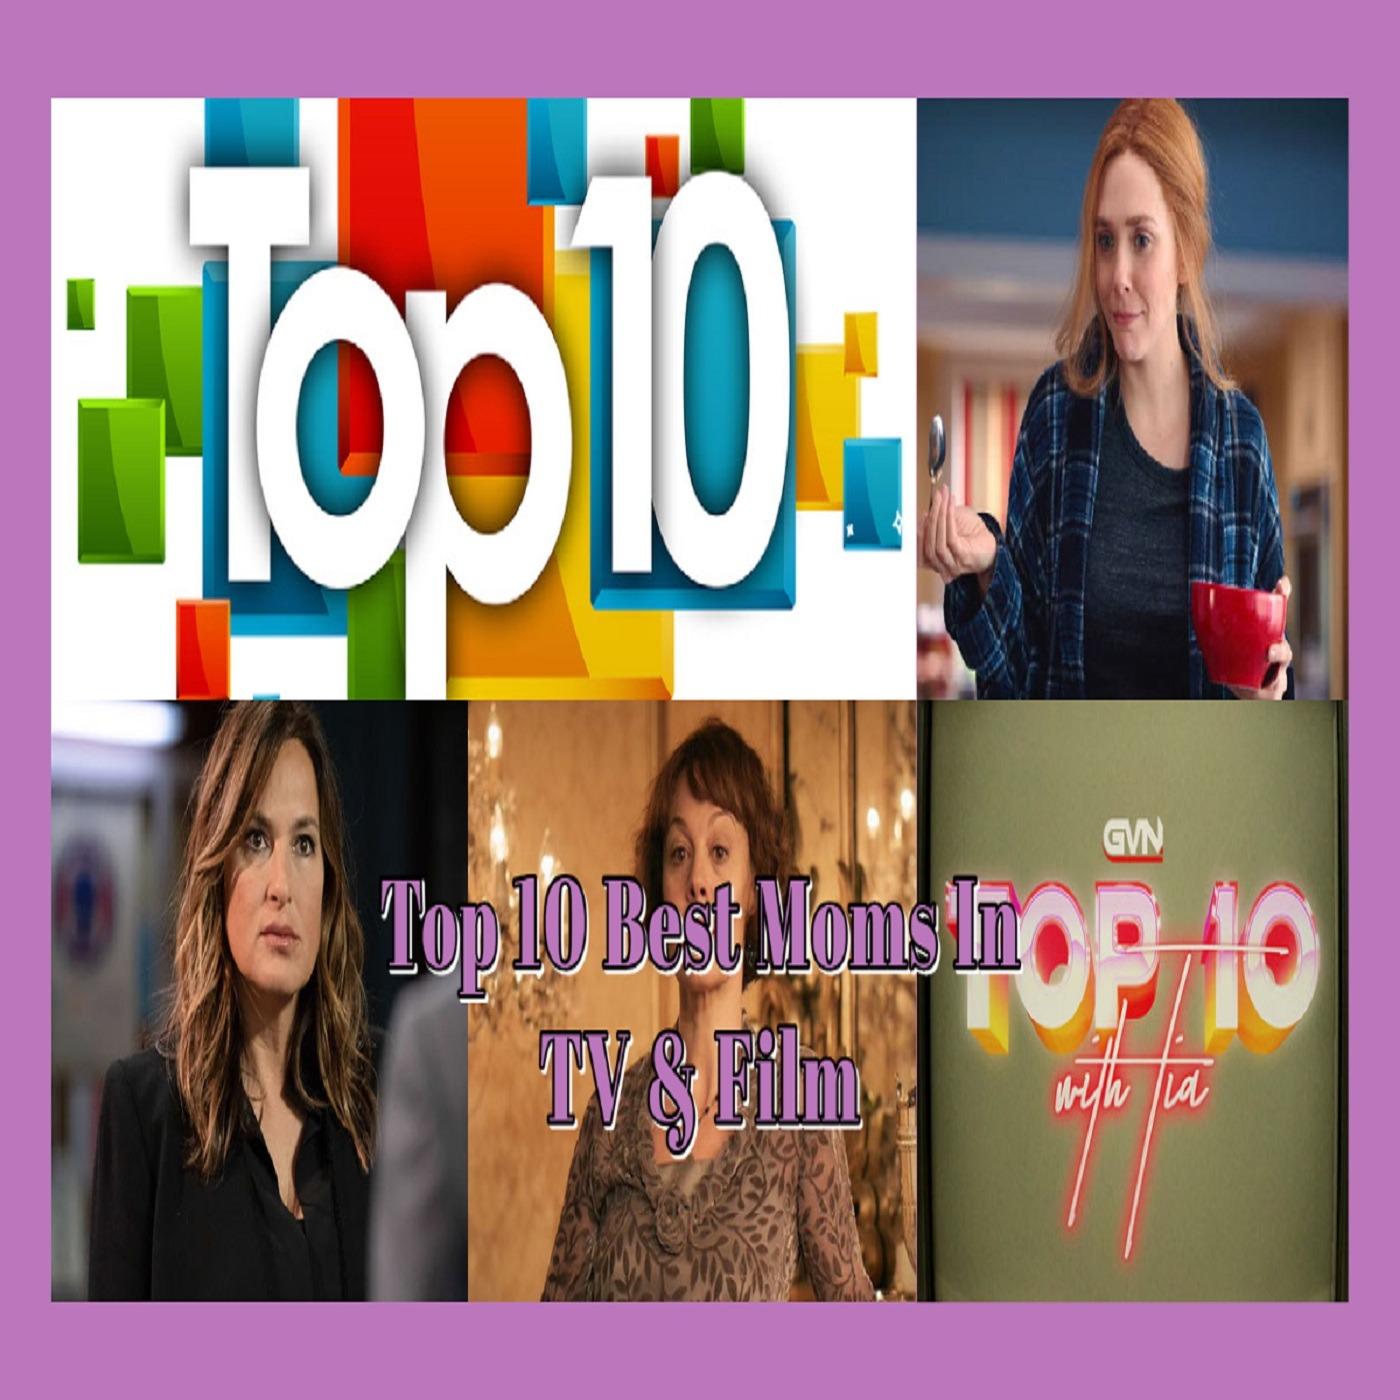 GVN Presents: Top Best Moms In TV & Film